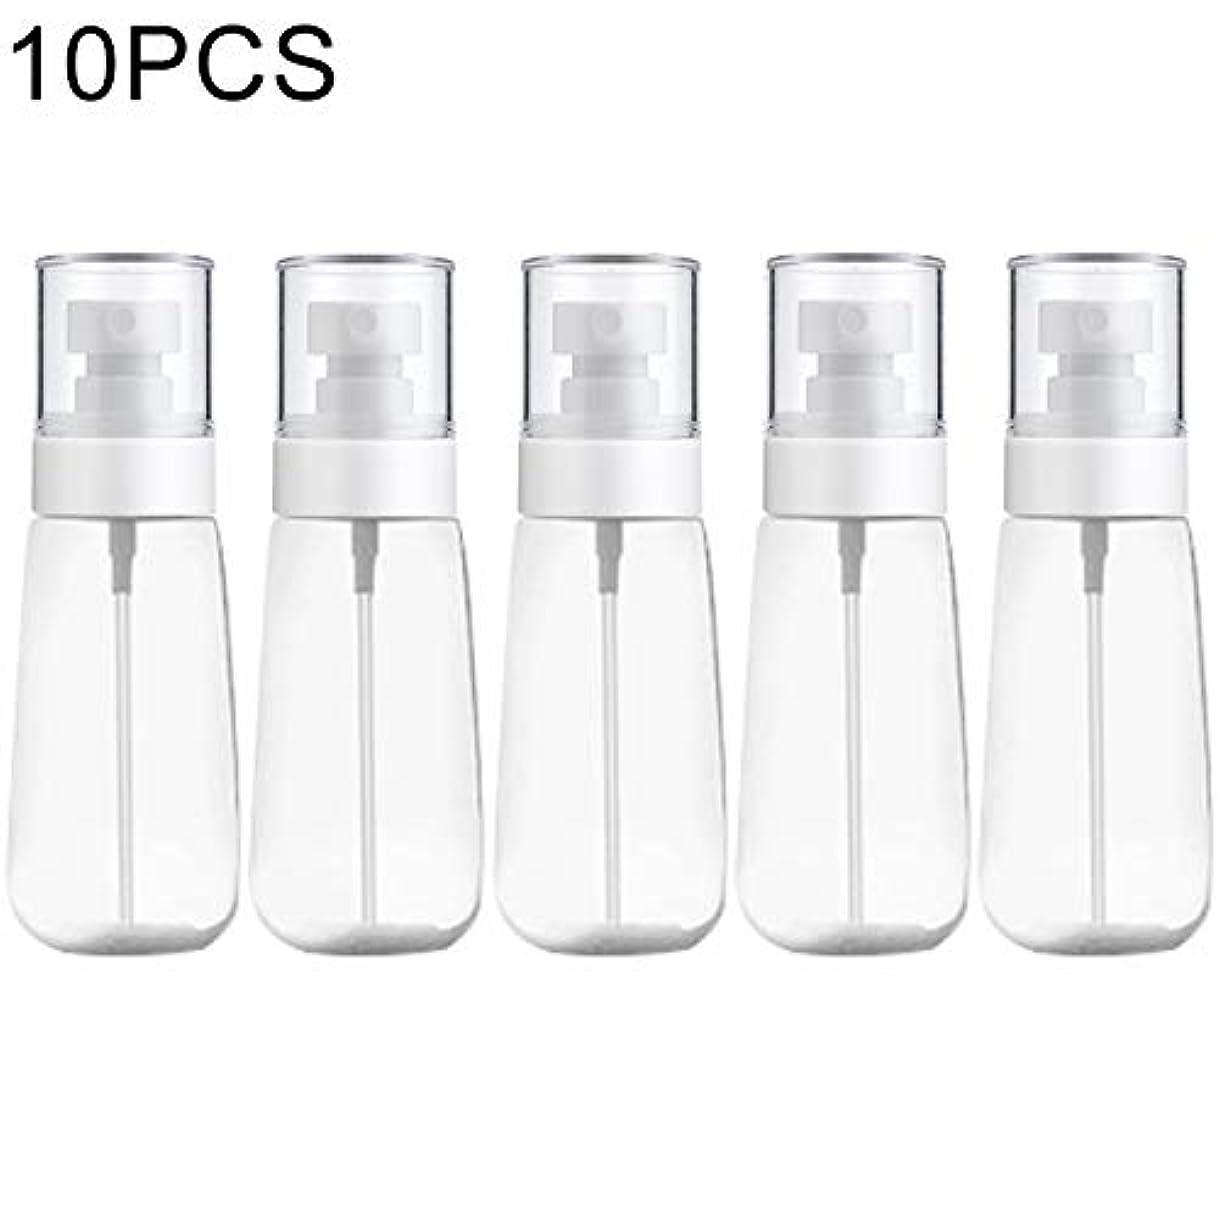 物語一過性宿題をするMEI1JIA QUELLIA 10 PCSポータブル詰め替えプラスチックファインミスト香水スプレーボトル透明な空のスプレースプレーボトル、80ミリリットル(透明) (色 : Transparent)